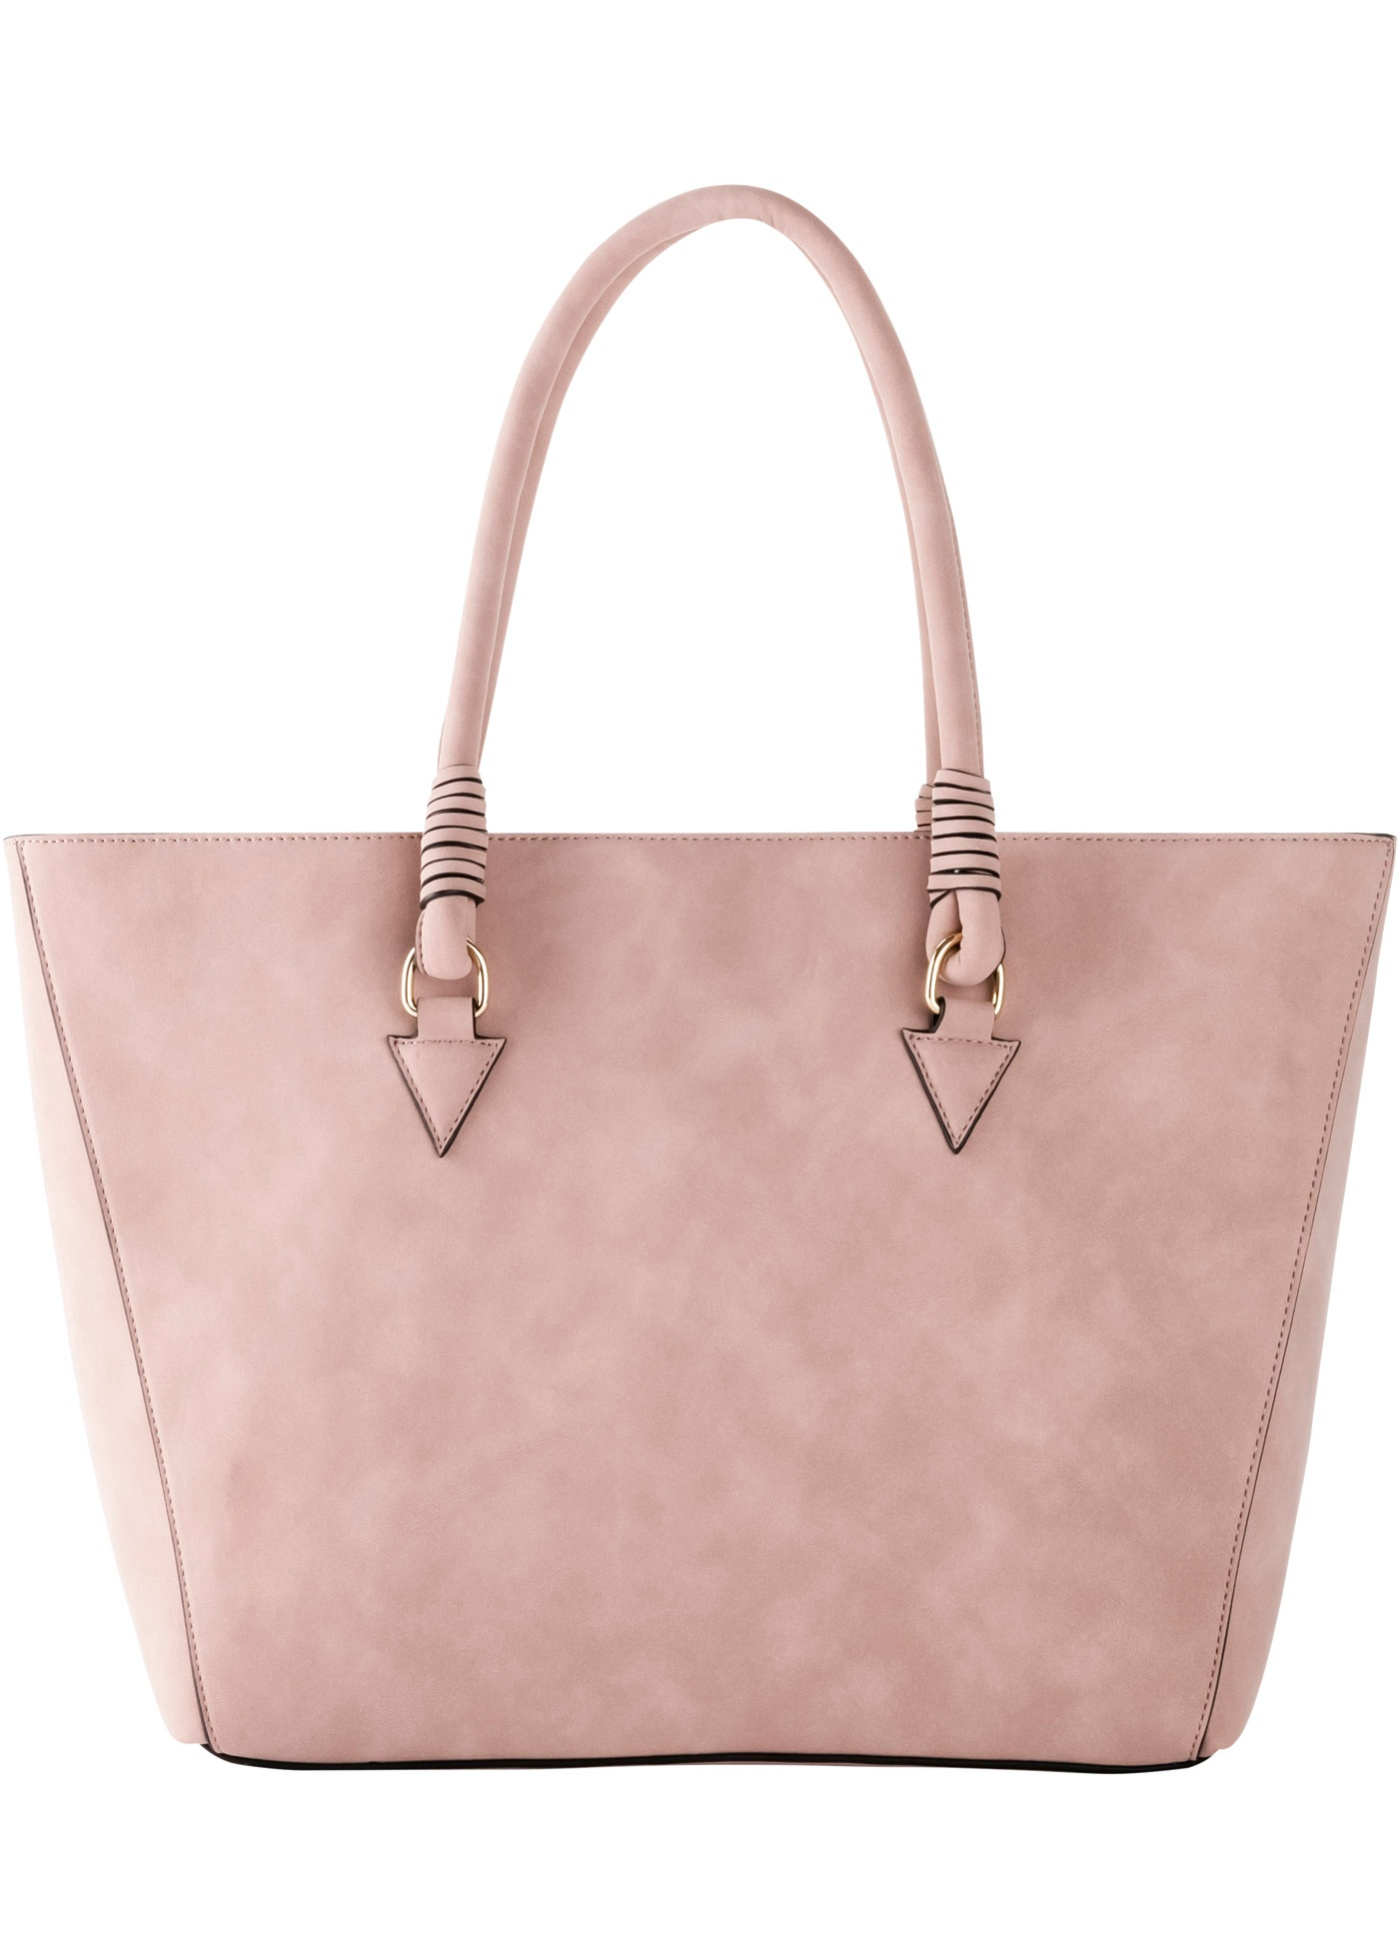 Velká kabelka - Růžová